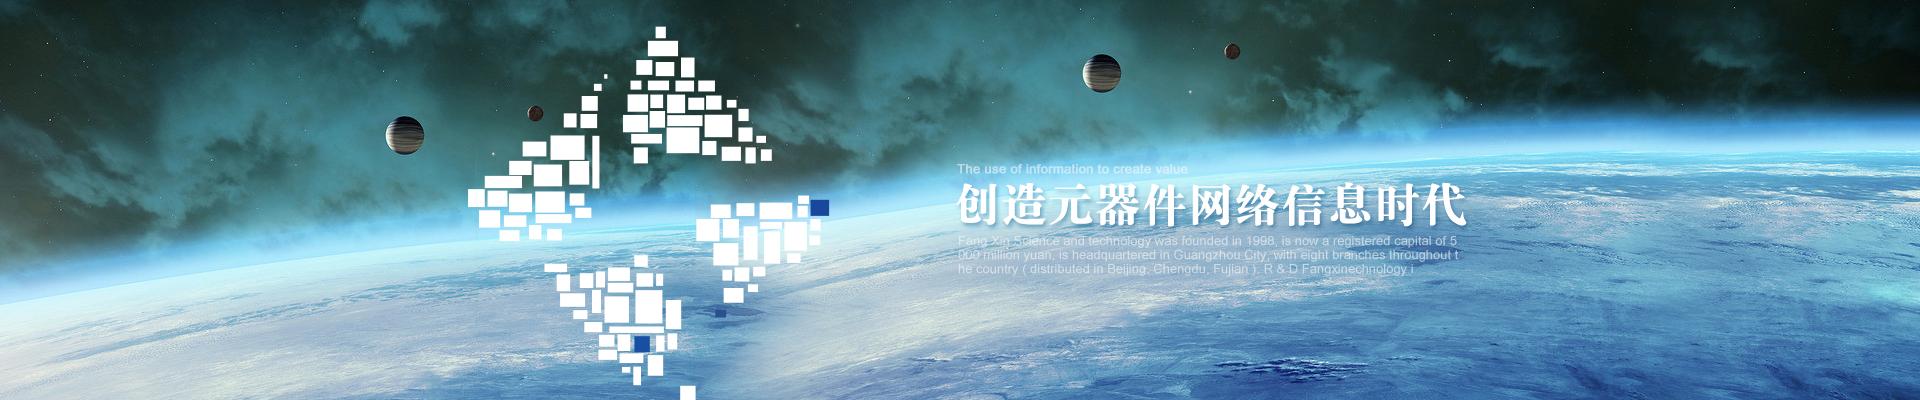 推陈出新创业好品牌江苏凯弘亨电子科技